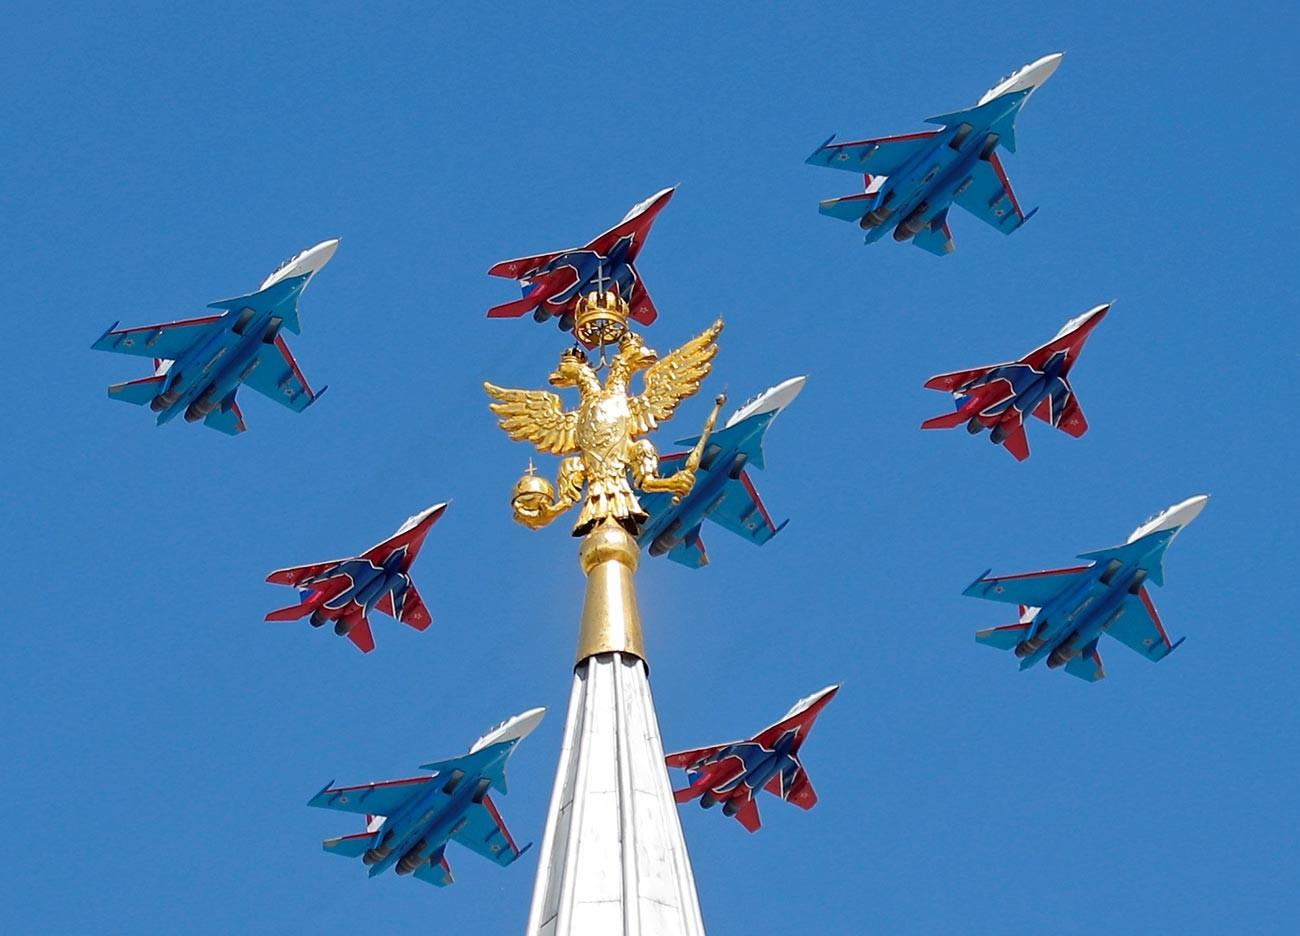 Caças MiG-29, dos Andorinhas, e Su-30, dos Cavaleiros Russos, em formação durante as celebrações do Dia da Vitória sobre a Praça Vermelha, em Moscou